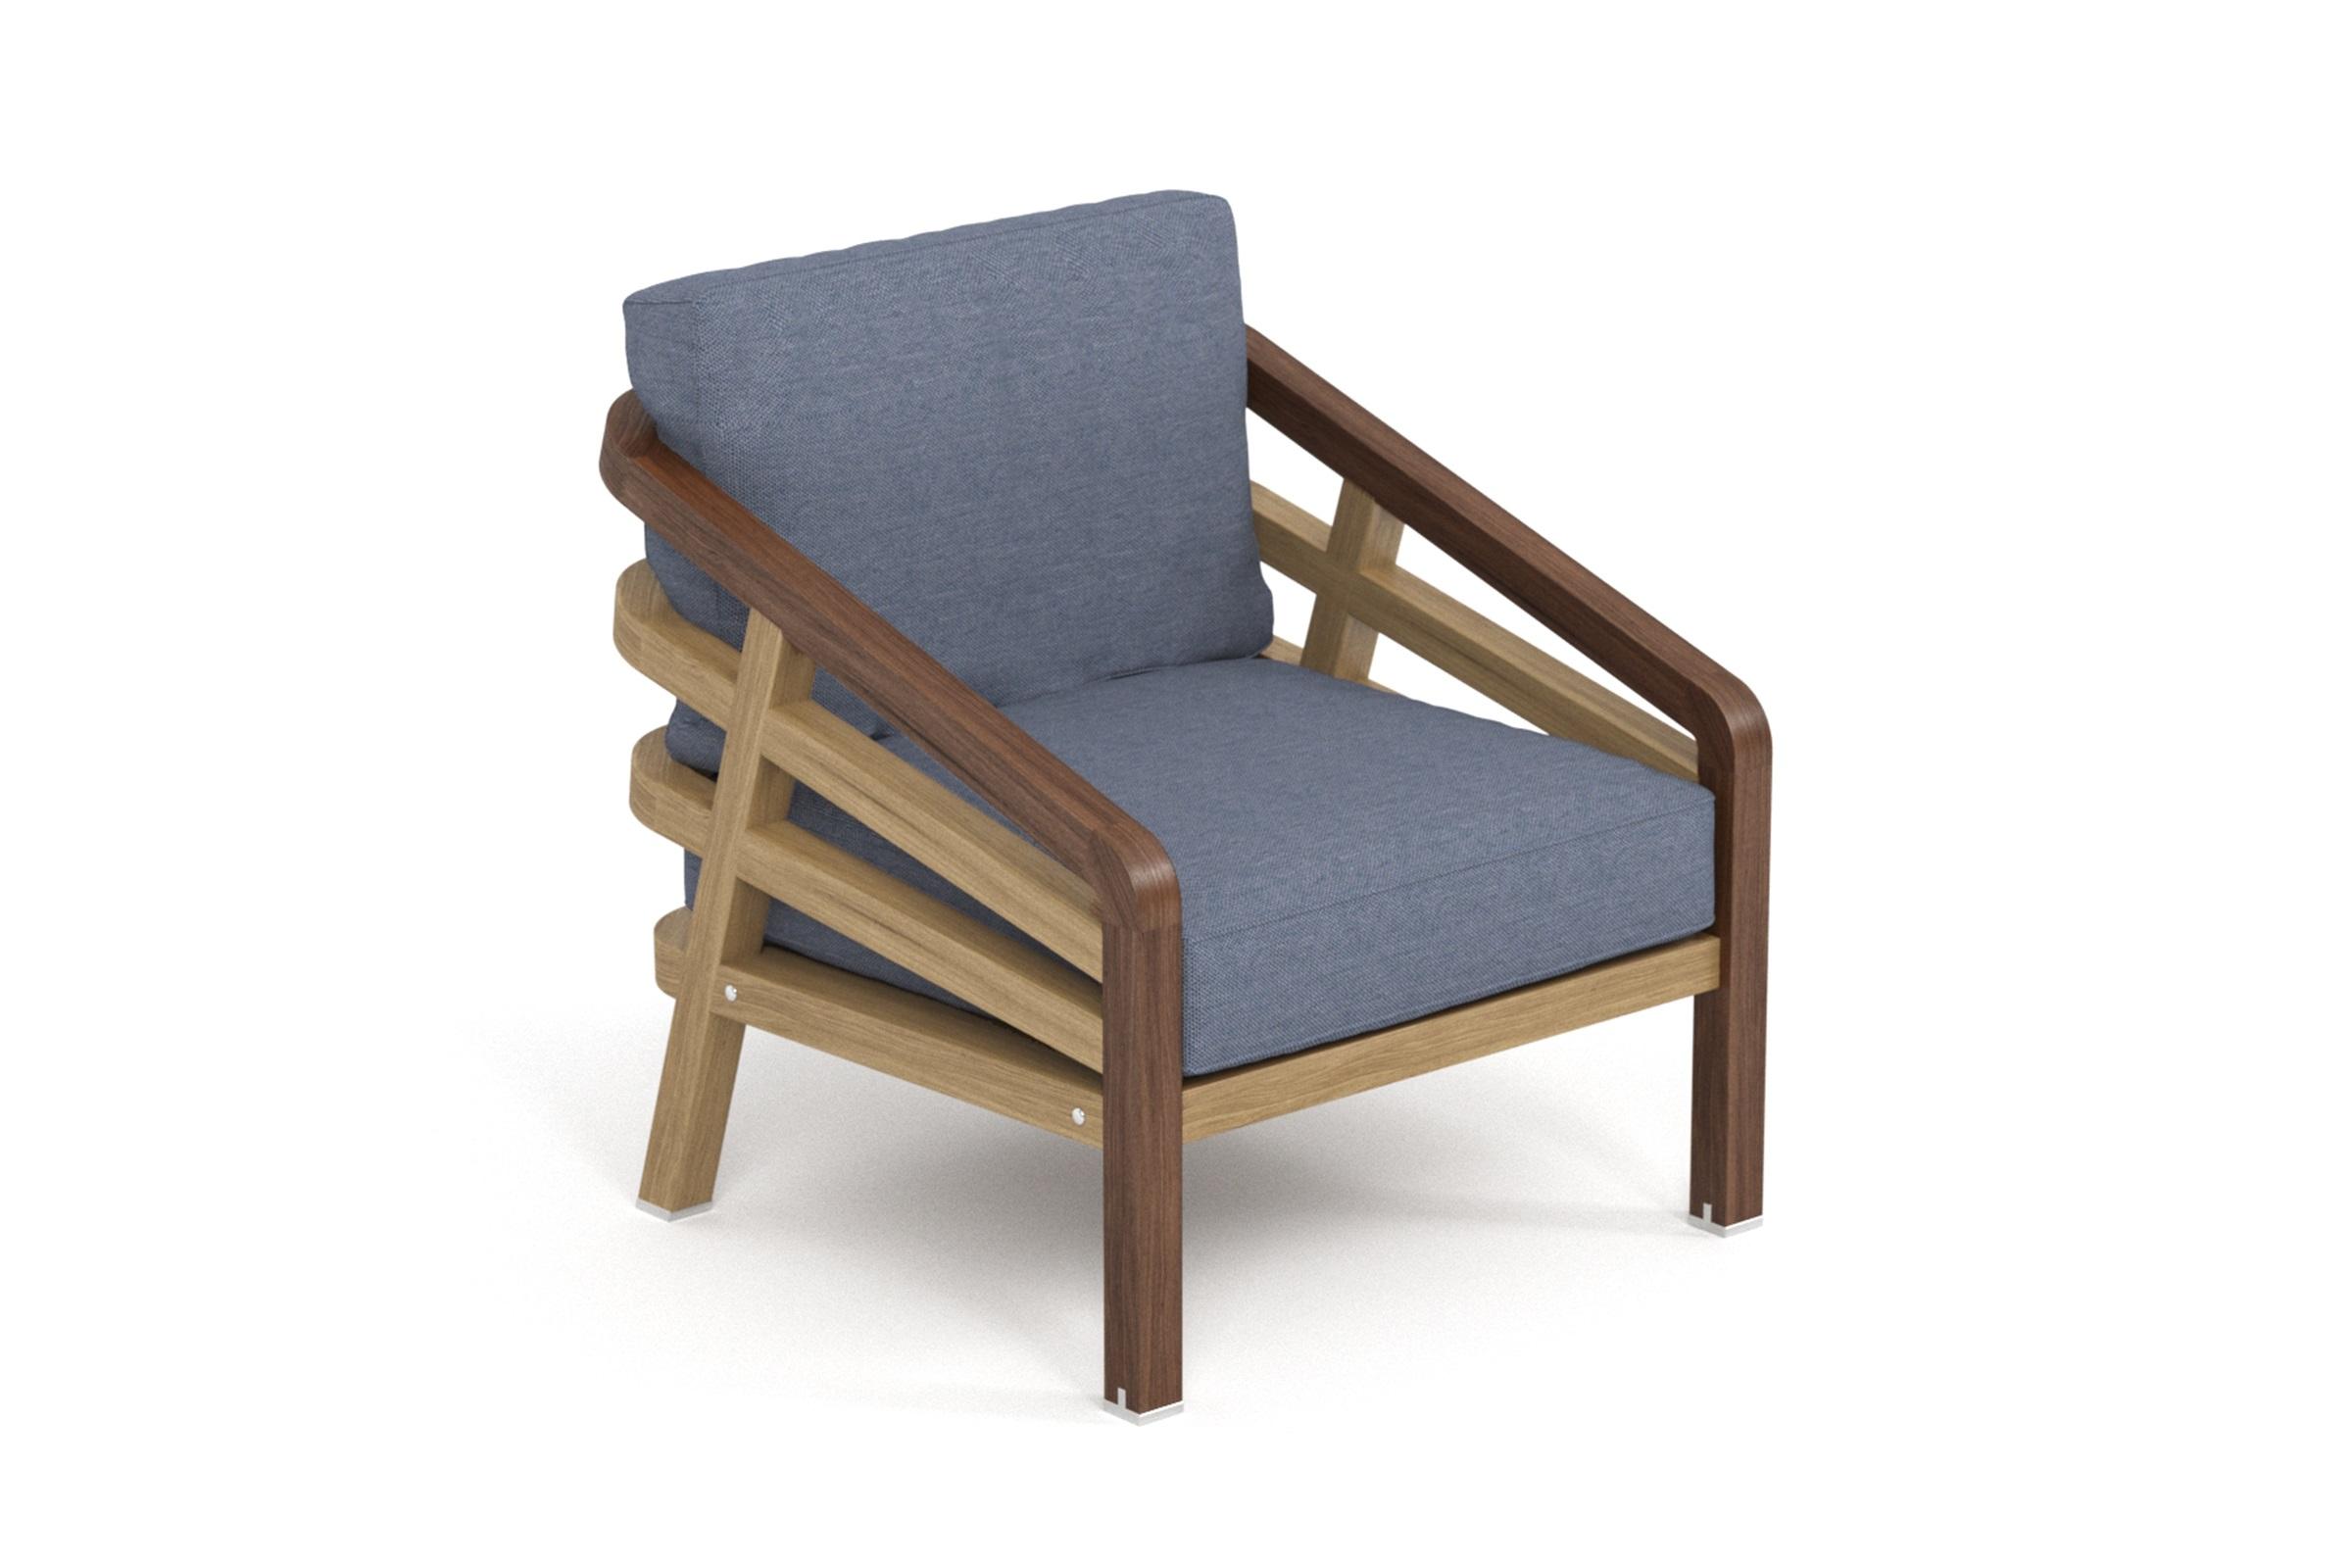 Кресло LagoonКресла для сада<br>&amp;lt;div&amp;gt;Коллекция LAGOON – коллекция, предназначенная для обустройства тихого уединенного места, в котором можно полностью расслабиться и забыть о суете. <br><br>Дизайн продуман так, чтобы можно было выбрать множество вариаций для отдыха: загорать на шезлонге или расположиться на удобном диване, подремать в <br><br>кресле или понежиться на кушетке.&amp;amp;nbsp;&amp;lt;/div&amp;gt;&amp;lt;div&amp;gt;Высота посадки:420мм.&amp;amp;nbsp;&amp;lt;/div&amp;gt;&amp;lt;div&amp;gt;&amp;lt;br&amp;gt;&amp;lt;/div&amp;gt;&amp;lt;div&amp;gt;&amp;lt;div&amp;gt;Ироко – экзотическая золотисто-коричневатая/оливково-коричневая древесина с золотистым оттенком.&amp;amp;nbsp; Мебель из ироко допускает круглогодичную эксплуатацию на открытом воздухе, выдерживает перепады температур от –30 до +30С. Срок службы более 20 лет.&amp;lt;/div&amp;gt;&amp;lt;/div&amp;gt;&amp;lt;br&amp;gt;&amp;lt;div&amp;gt;Sunbrella® – акриловая ткань с водоотталкивающими свойствами от мирового лидера в производстве тканей для <br><br>яхт. Ткани Sunbrella изготавливаются из окрашиваемого в растворе акрилового волокна. Обработка, препятствующая образованию пятен, защищает ткани <br><br>Sunbrella, которые допускают машинную стирку и обеспечивают защиту от УФ-лучей&amp;lt;/div&amp;gt;&amp;lt;div&amp;gt;&amp;lt;br&amp;gt;&amp;lt;/div&amp;gt;&amp;lt;iframe width=&amp;quot;530&amp;quot; height=&amp;quot;300&amp;quot; src=&amp;quot;https://www.youtube.com/embed/uL9Kujh07kc&amp;quot; frameborder=&amp;quot;0&amp;quot; allowfullscreen=&amp;quot;&amp;quot;&amp;gt;&amp;lt;/iframe&amp;gt;<br><br>Material: Ироко<br>Ширина см: 69<br>Высота см: 83.0<br>Глубина см: 76